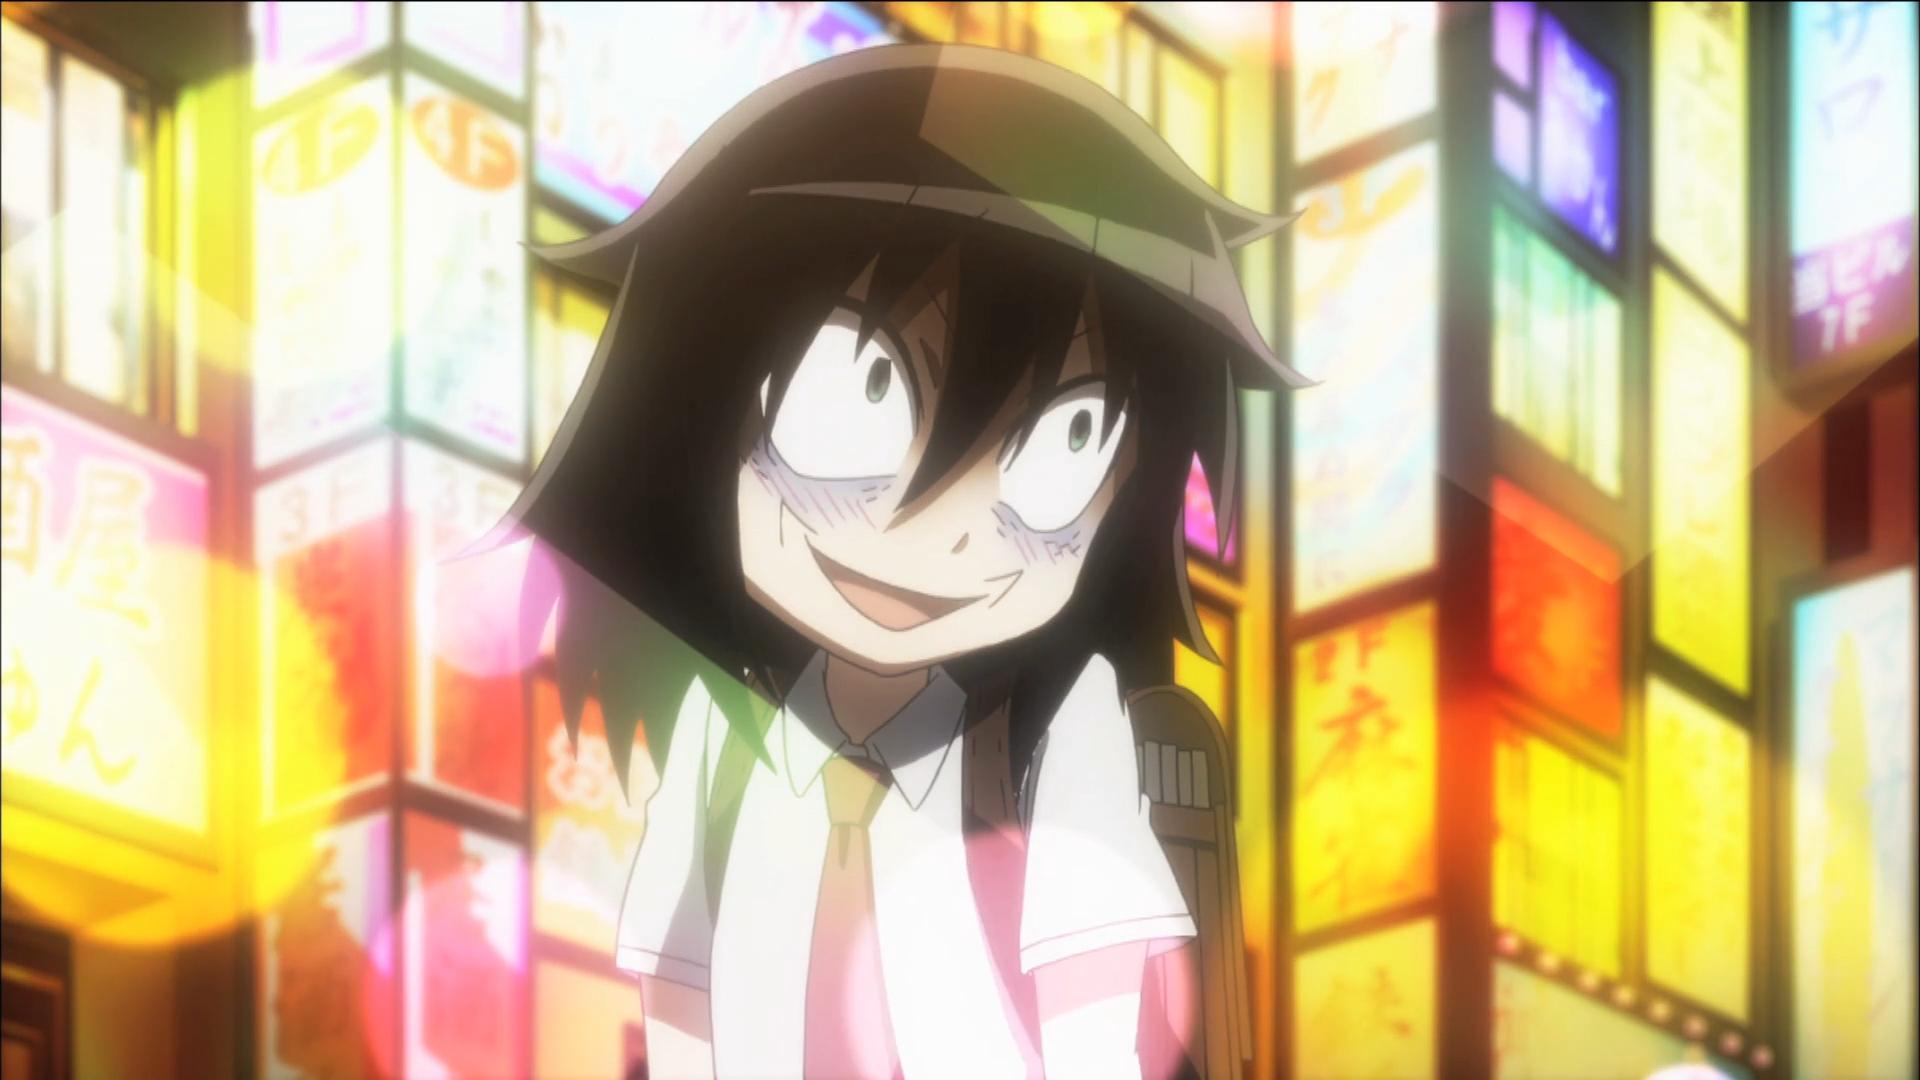 Watashi ga Motenai no wa Dou Kangaete mo Omaera ga Warui! — s01e05 — Since I'm Not Popular, I'll Boost My Skills